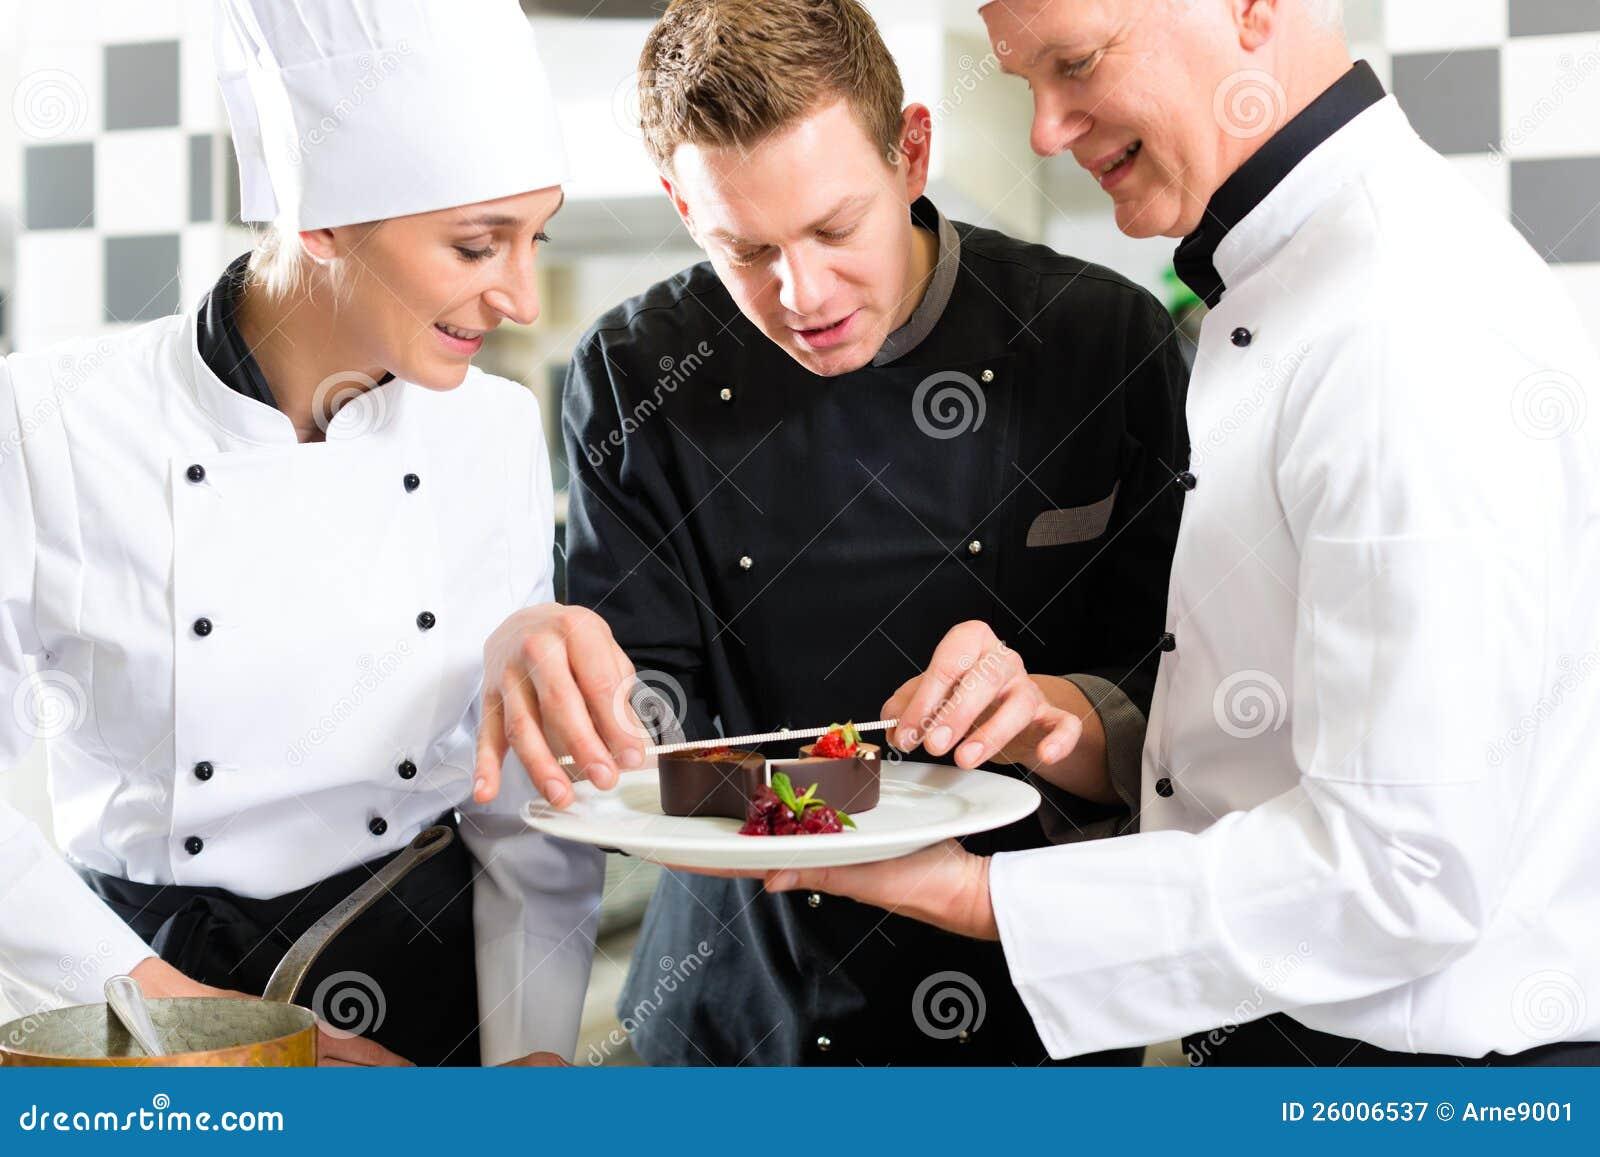 Quipe de chef dans la cuisine de restaurant avec le dessert for Ala cuisine iron chef